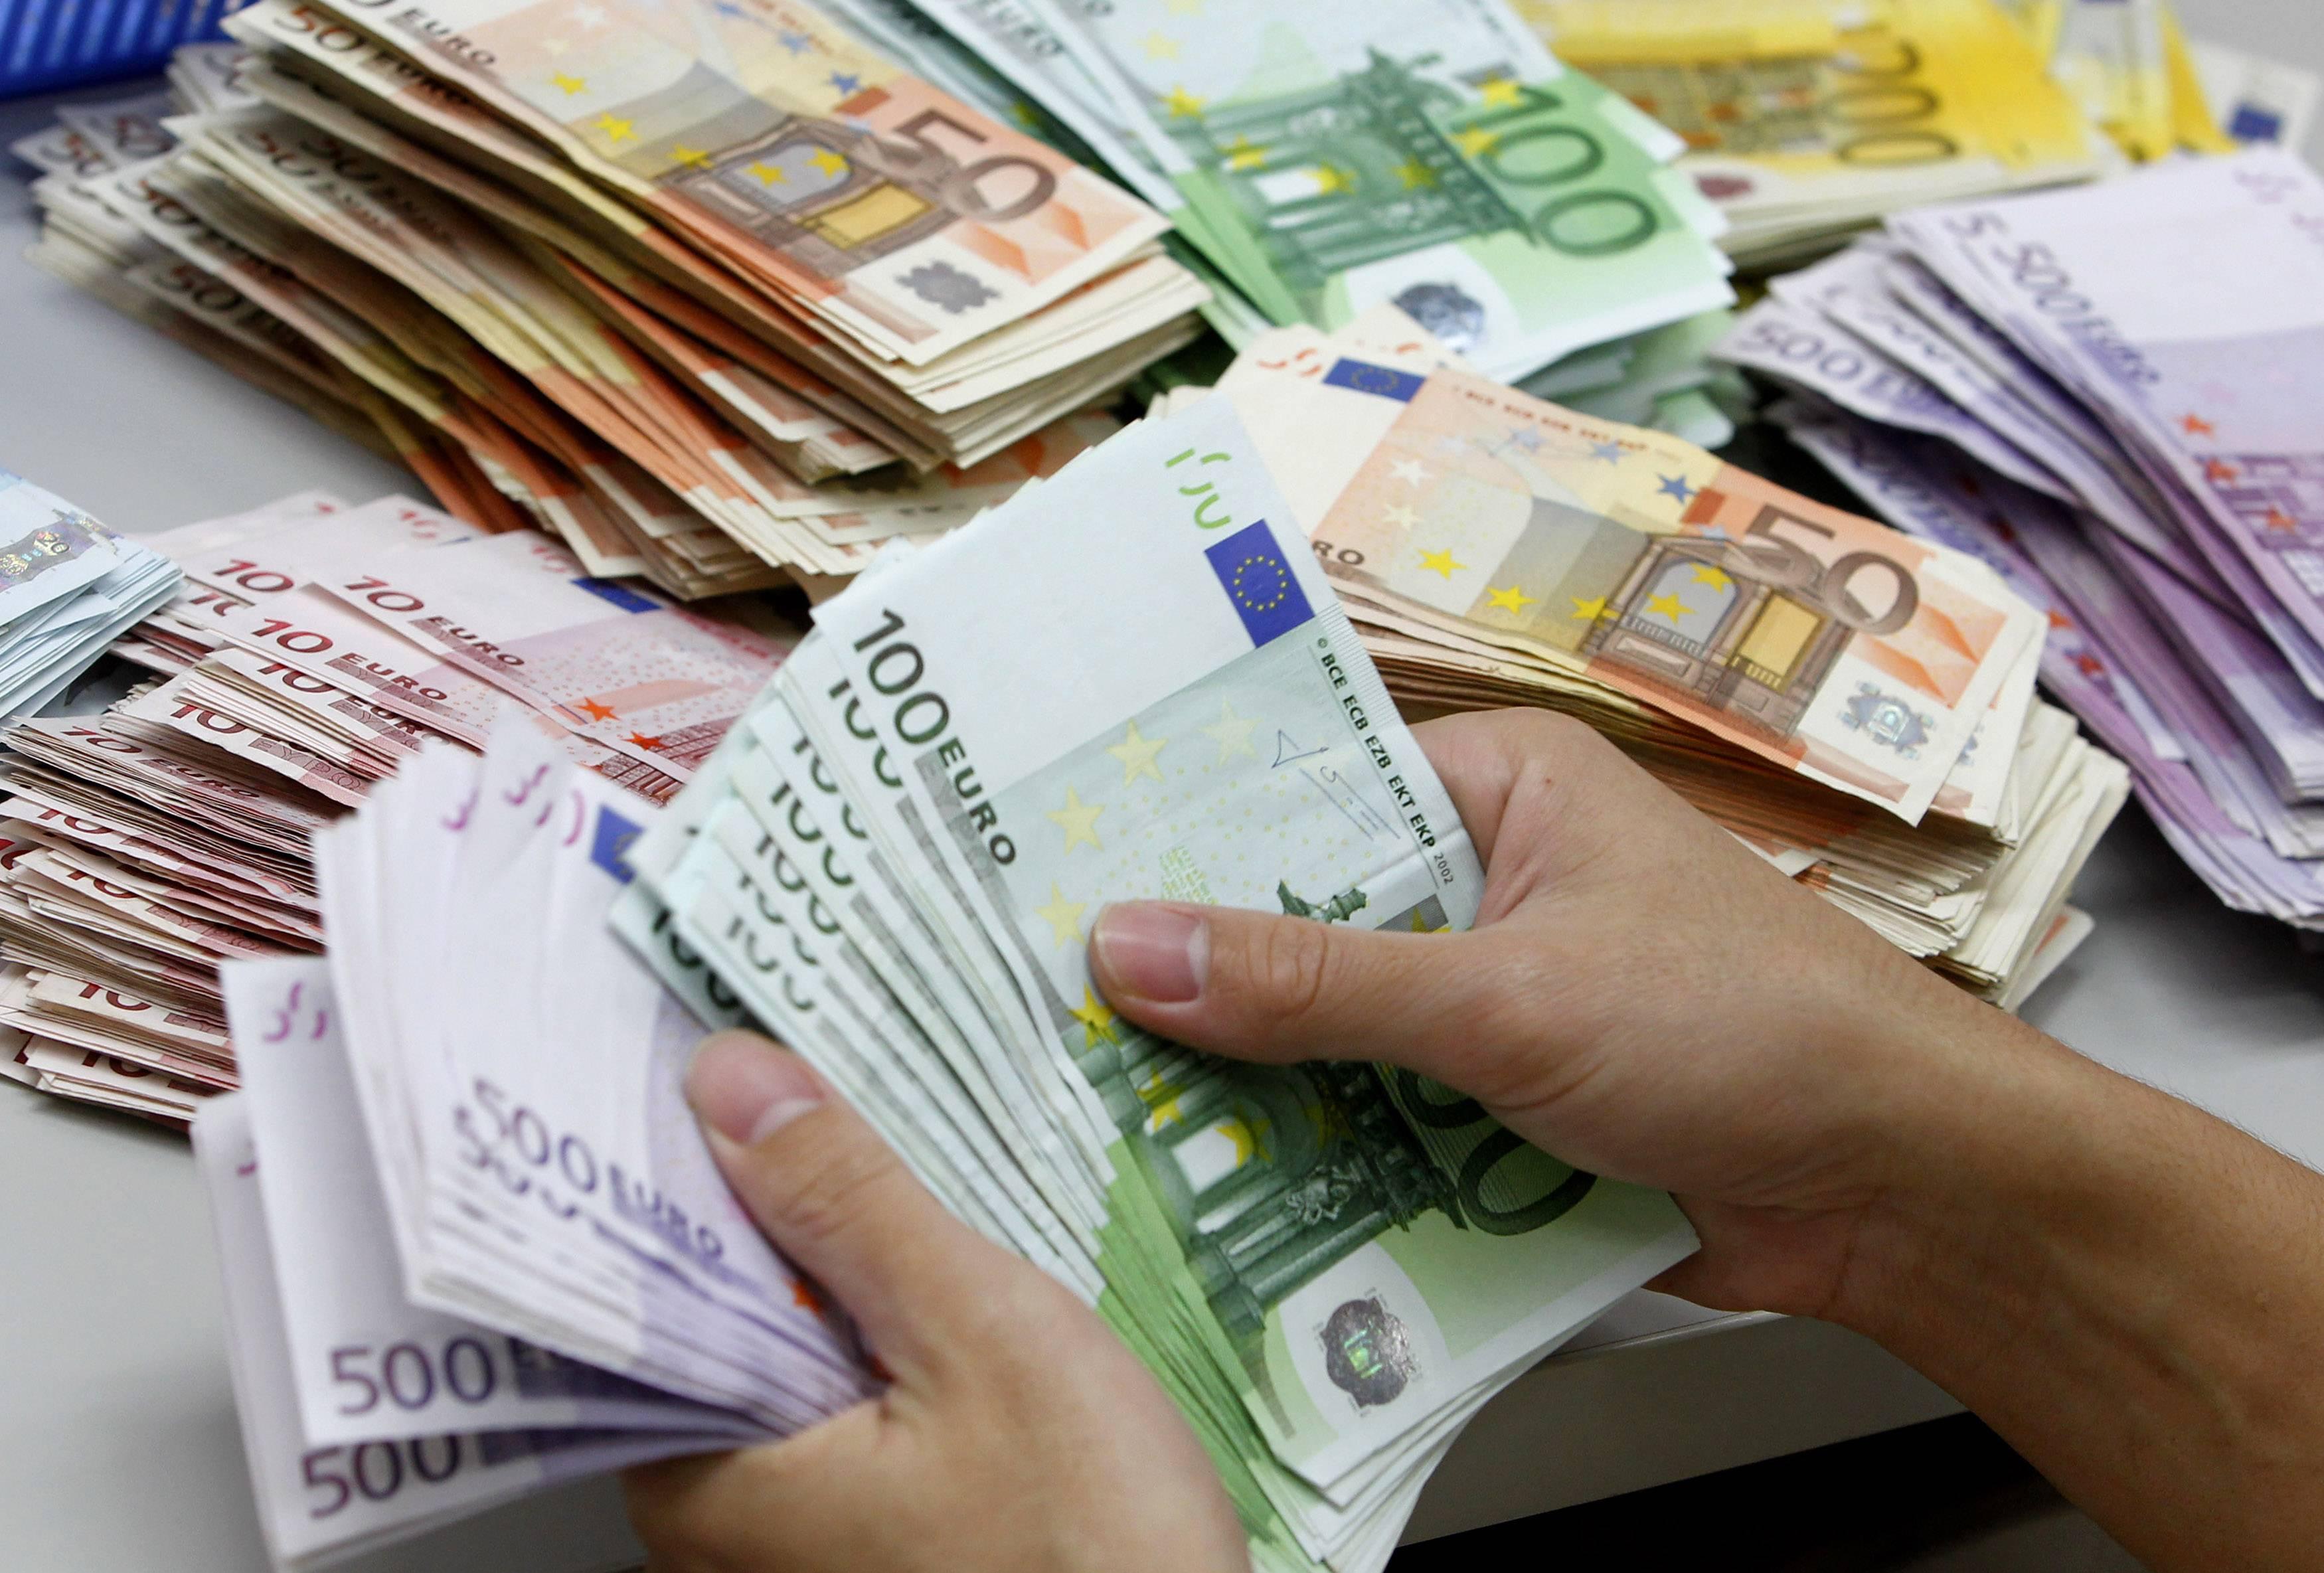 Σχέδιο ρύθμισης χρεών σε 120 δόσεις στο τραπέζι κυβέρνησης-θεσμών   tovima.gr